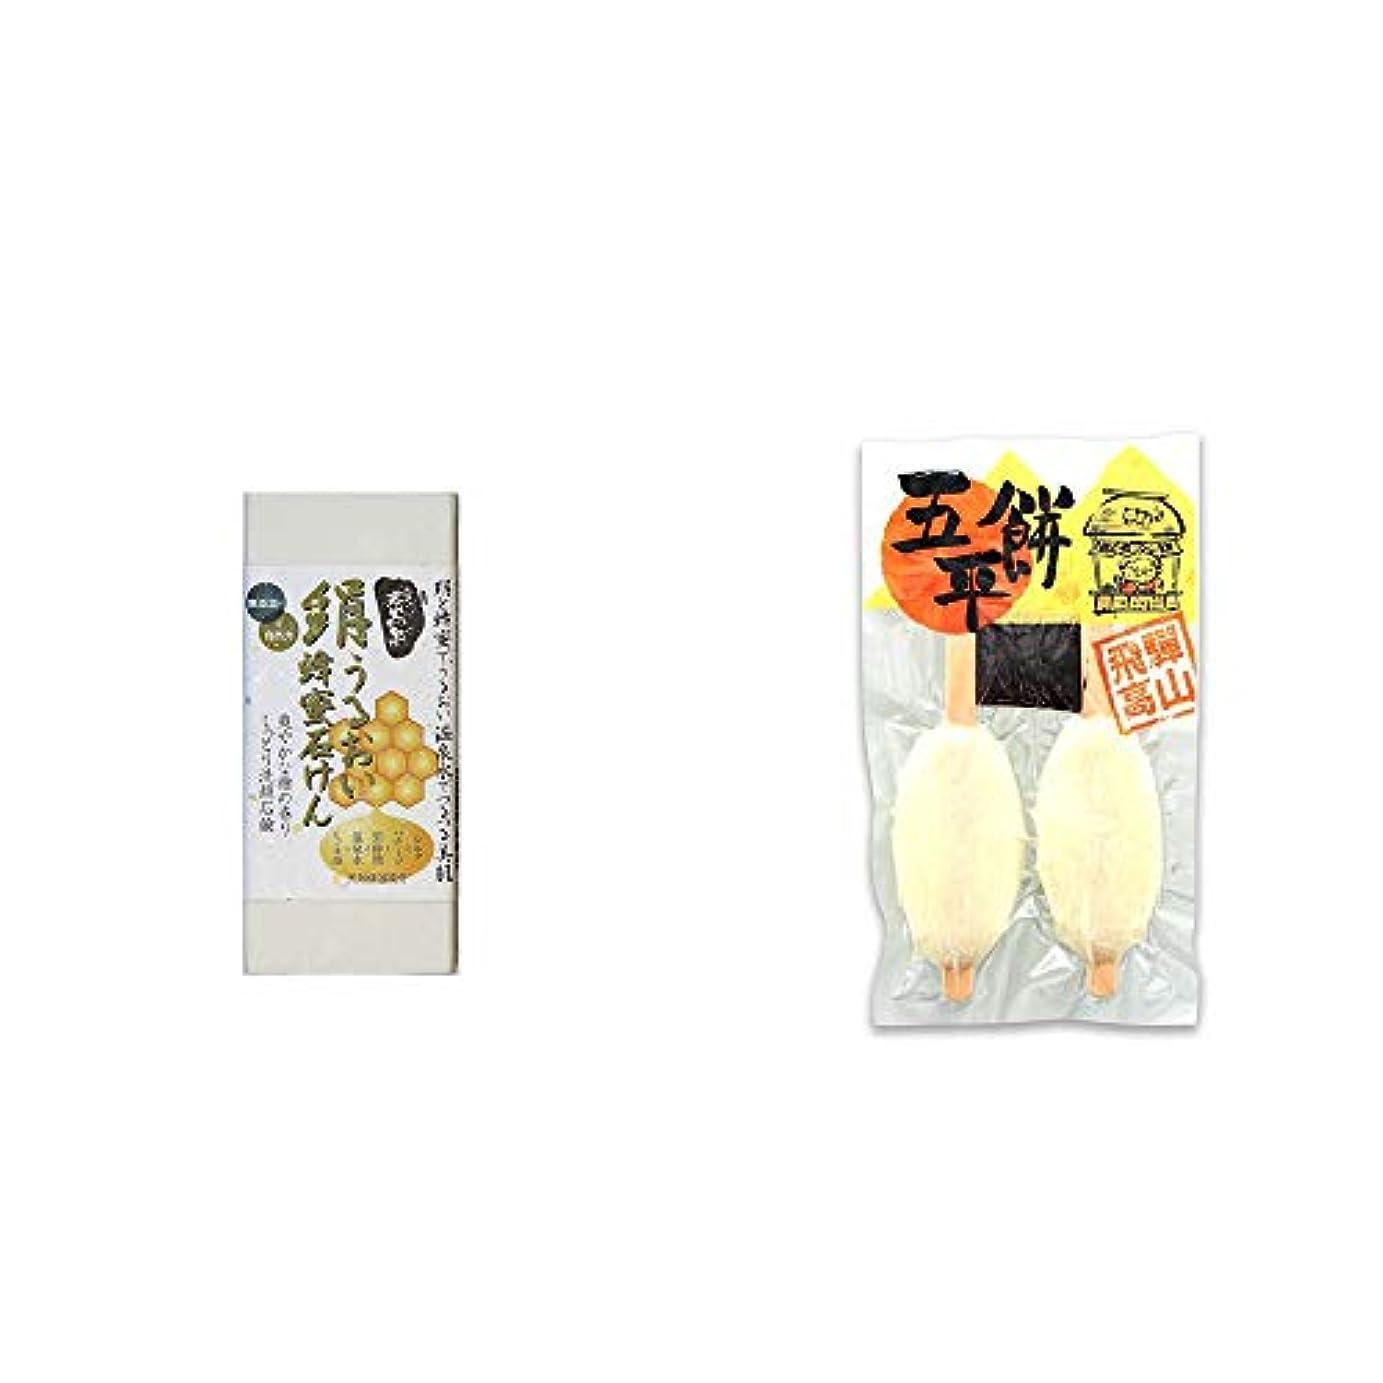 落ち着く予備スプリット[2点セット] ひのき炭黒泉 絹うるおい蜂蜜石けん(75g×2)?飛騨高山 木や 五平餅(2本入)